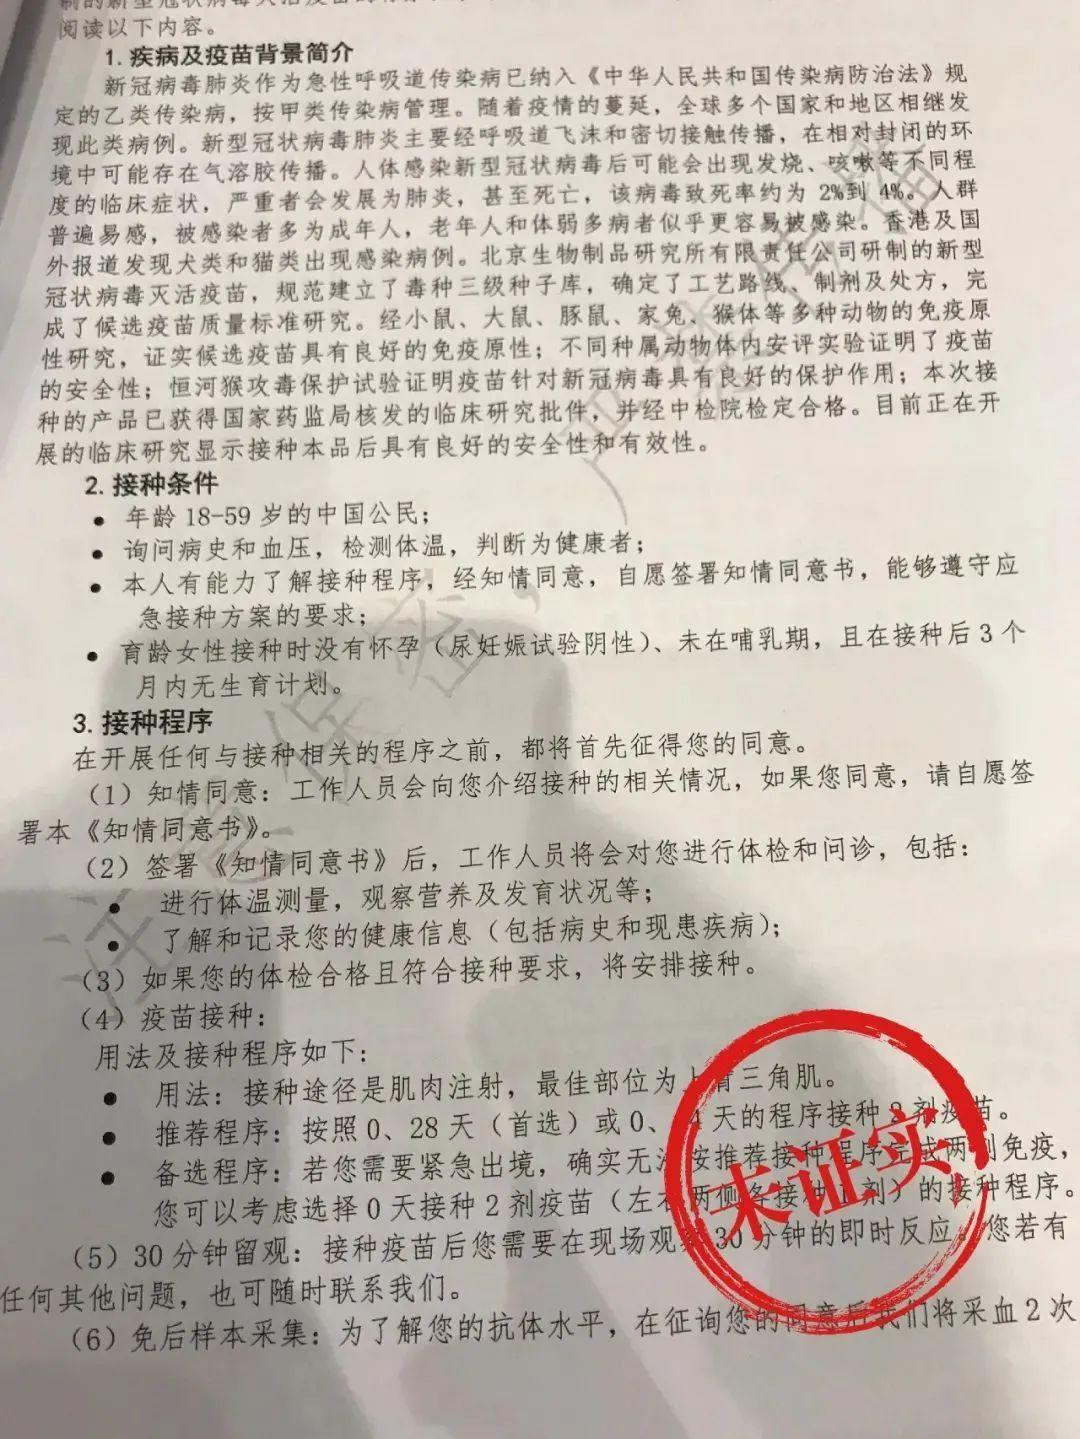 中国新冠疫苗千元两针已开打?陆媒证实这不是谣言!